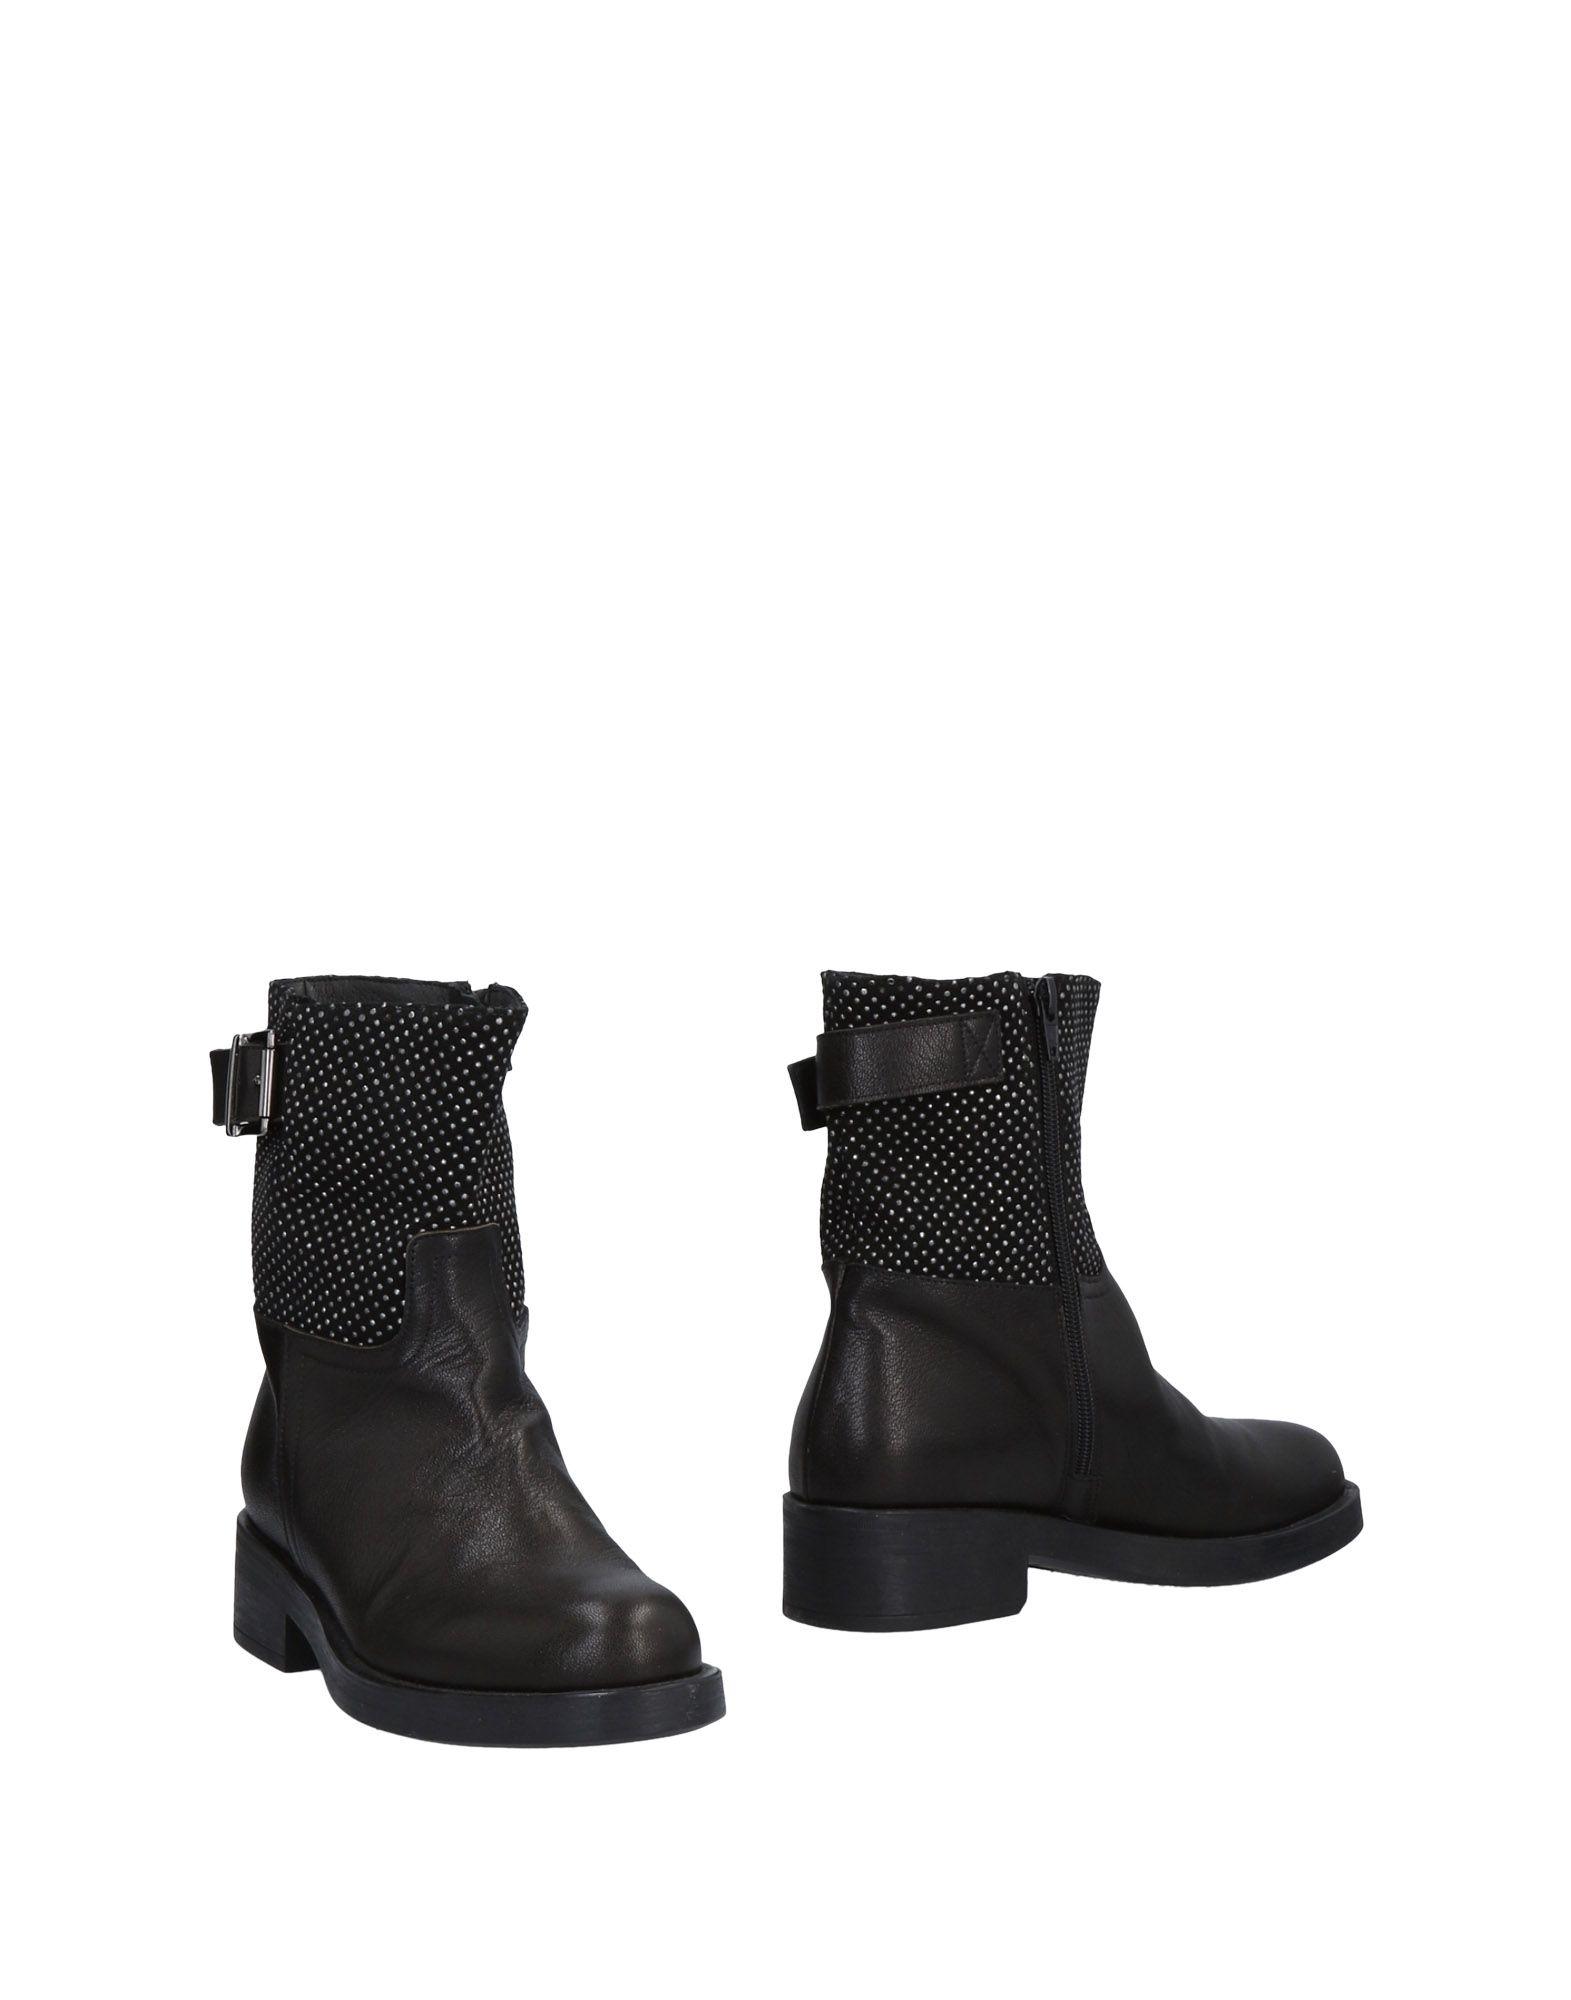 No Limits Stiefelette Damen  11460100TV Gute Qualität beliebte Schuhe